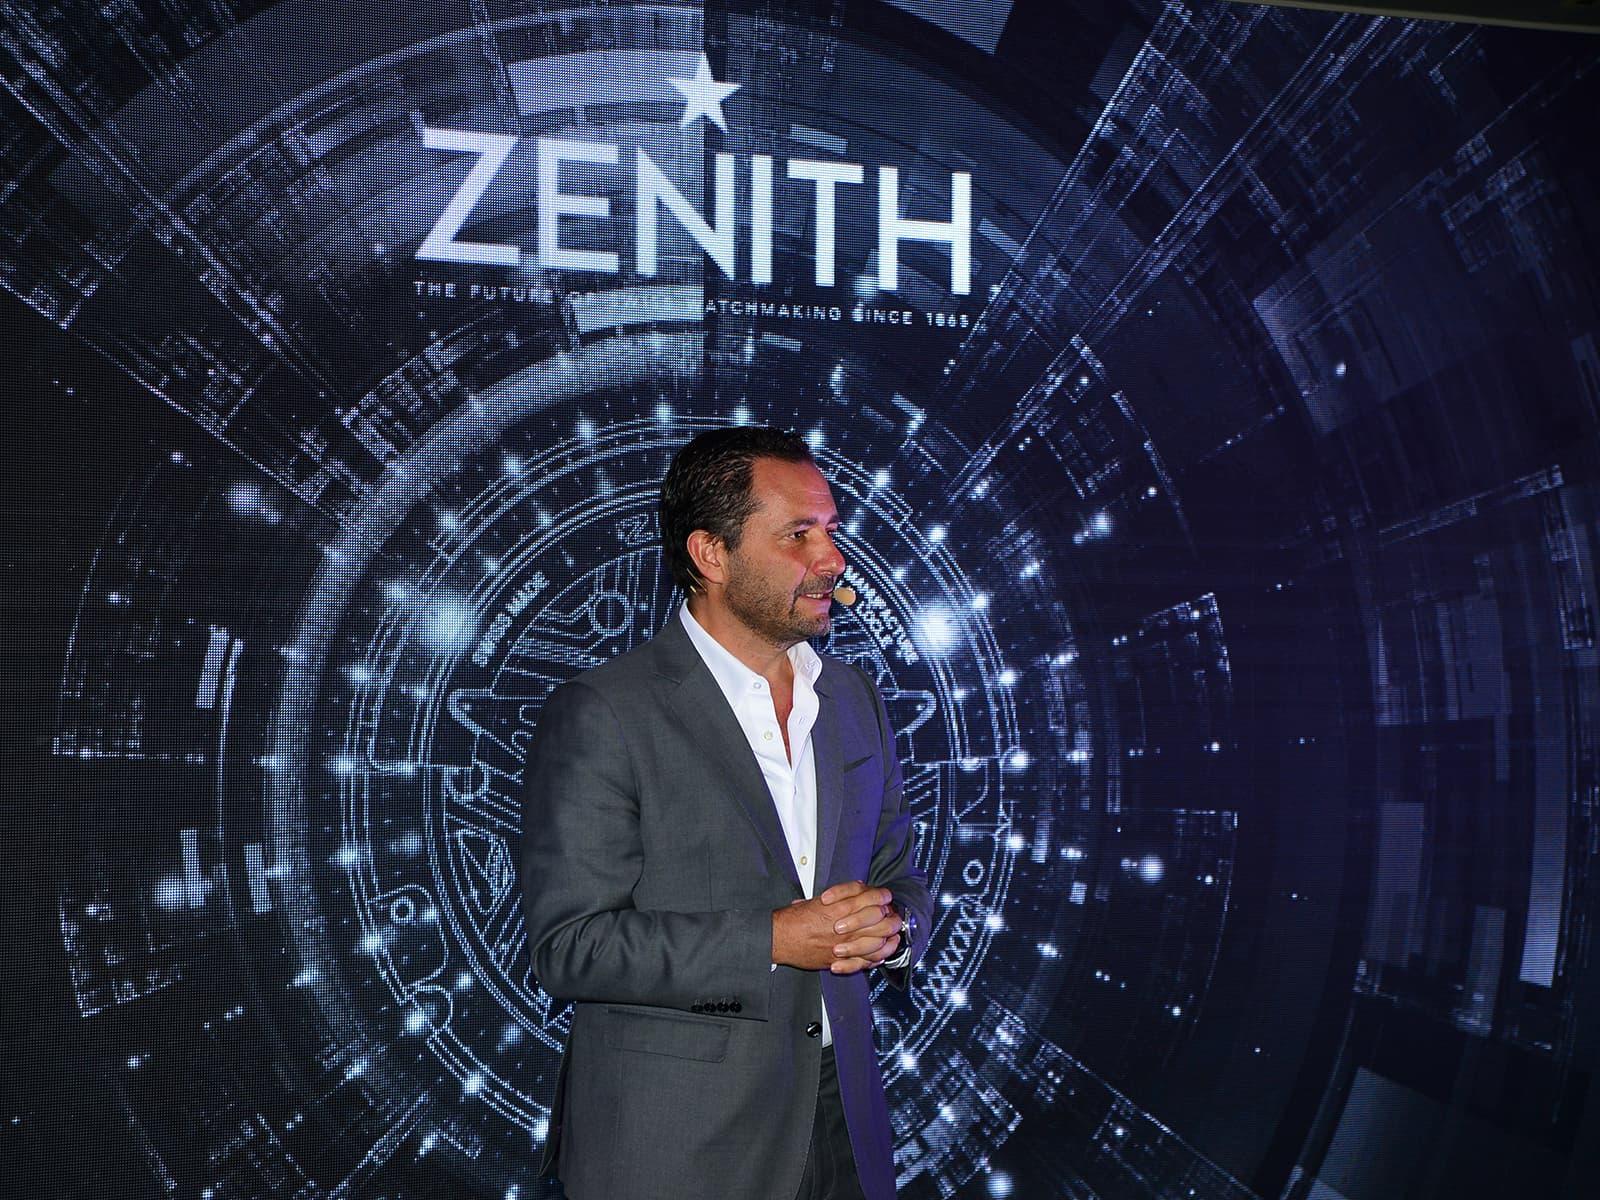 zenith-etkinlik-5.jpg